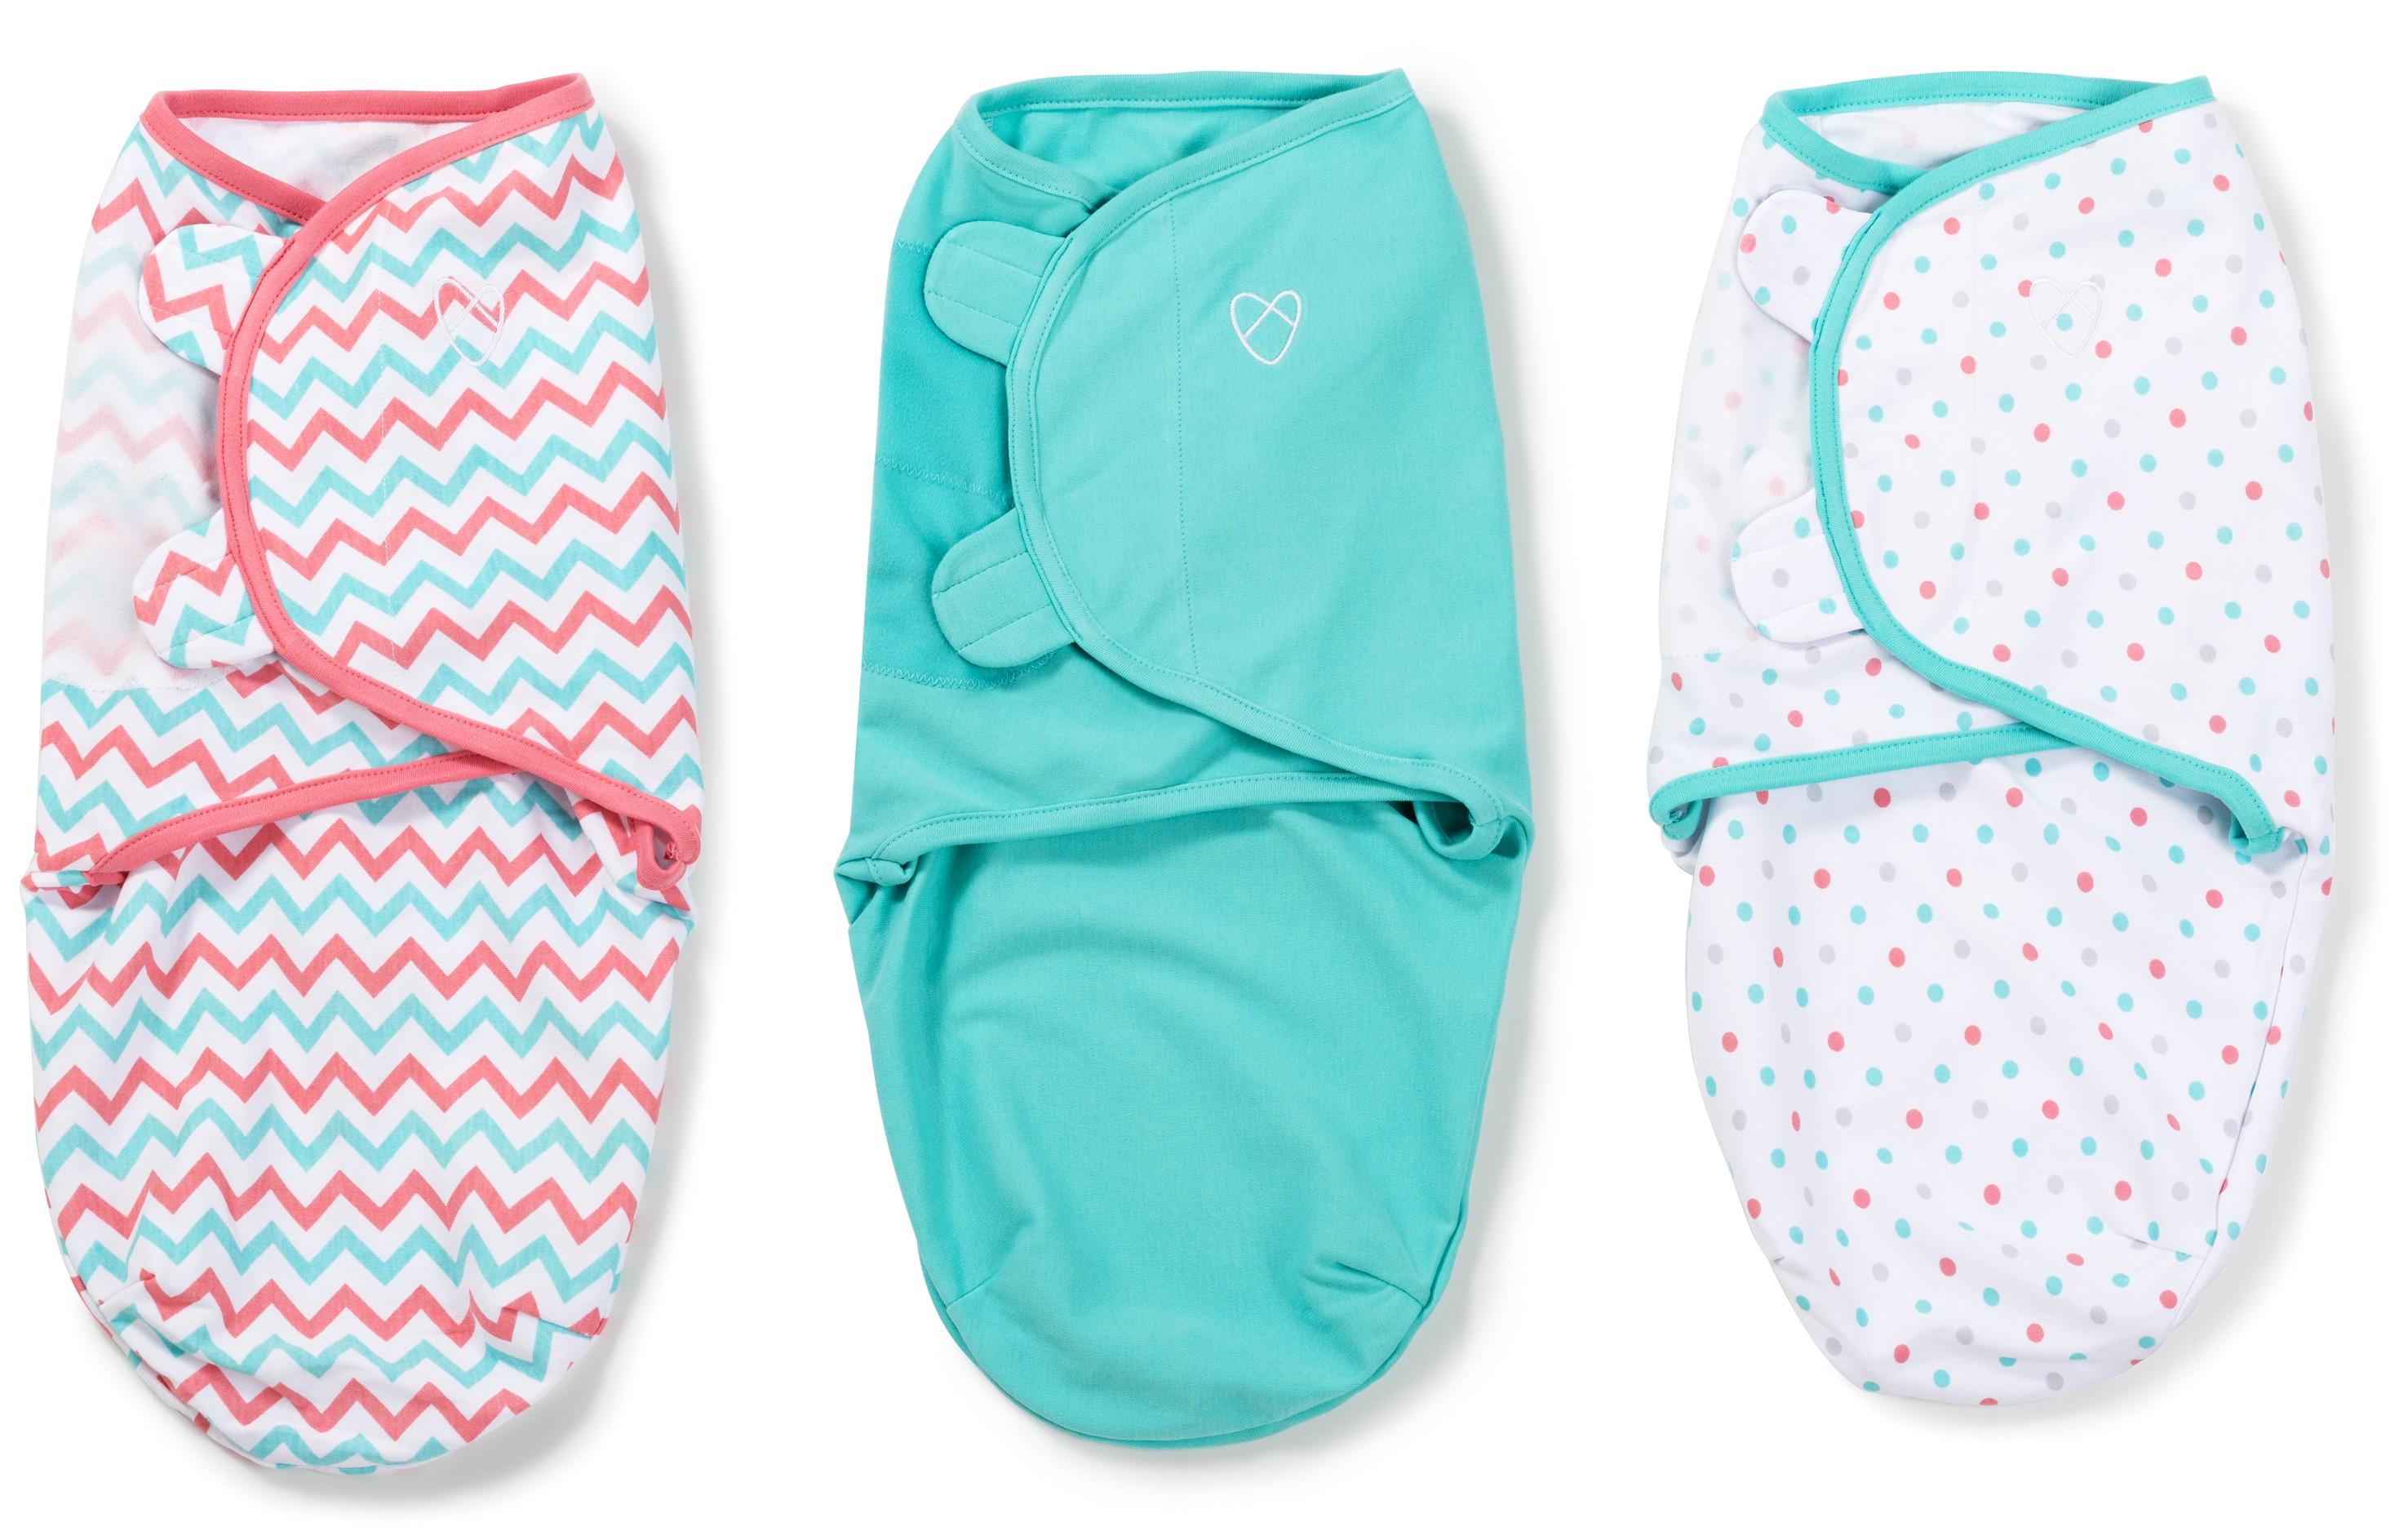 Summer Infant SwaddleMe zavinovačka sada 3ks Zig Zag, tyrkys, puntíky- Doprava zdarma velikost: S (3,2-6,4kg) od narození do cca 3 měsíců